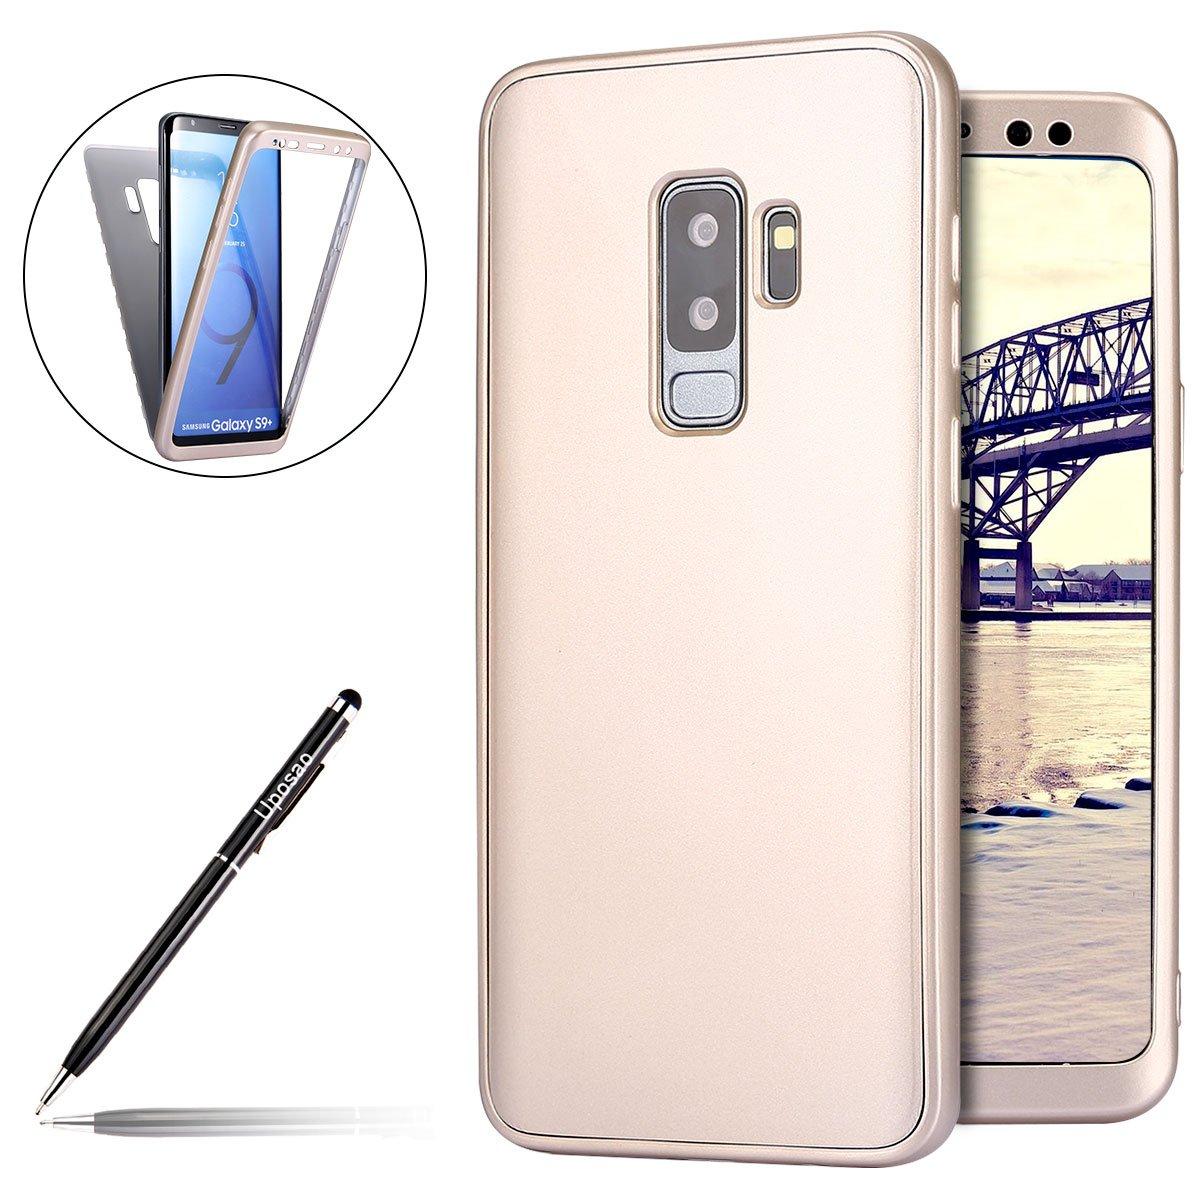 Für Samsung Galaxy S9 Plus Hülle, Uposao Schutzhülle Für Samsung Galaxy S9 Plus Hülle 360 Grad Fullbody Case TPU Silikon Hülle, Komplettschutz Handyhülle Vorder und Rückseiten Schutz Schale Ganzkörper-Koffer Soft TPU Schutzhülle für Samsung Galaxy S9 Plus,